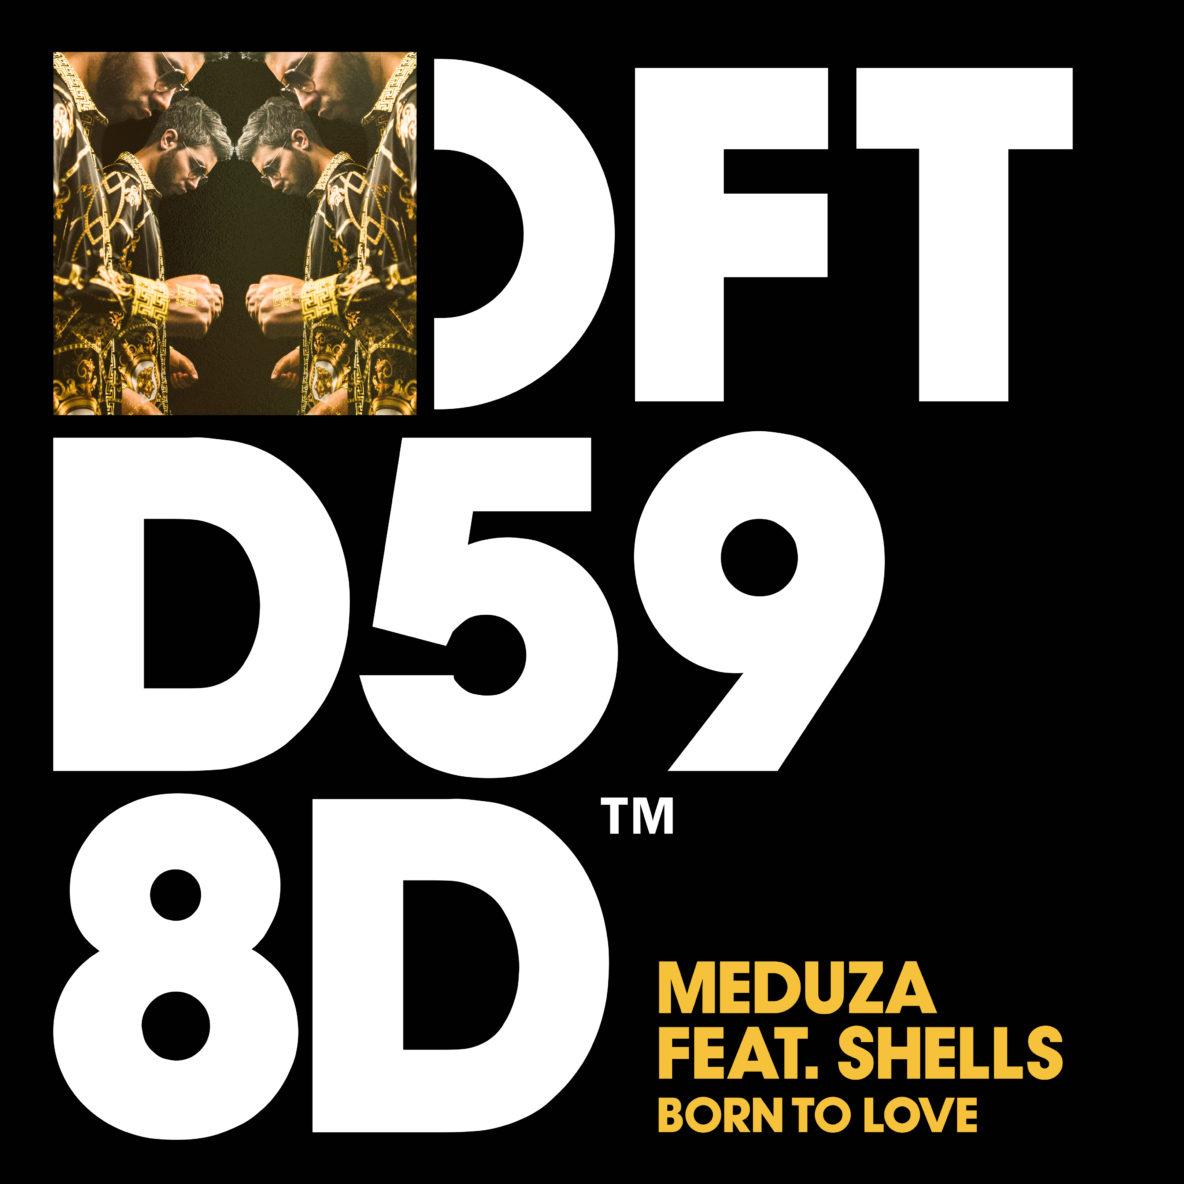 Born To Love - Meduza Feat Shells - Testo e Traduzione